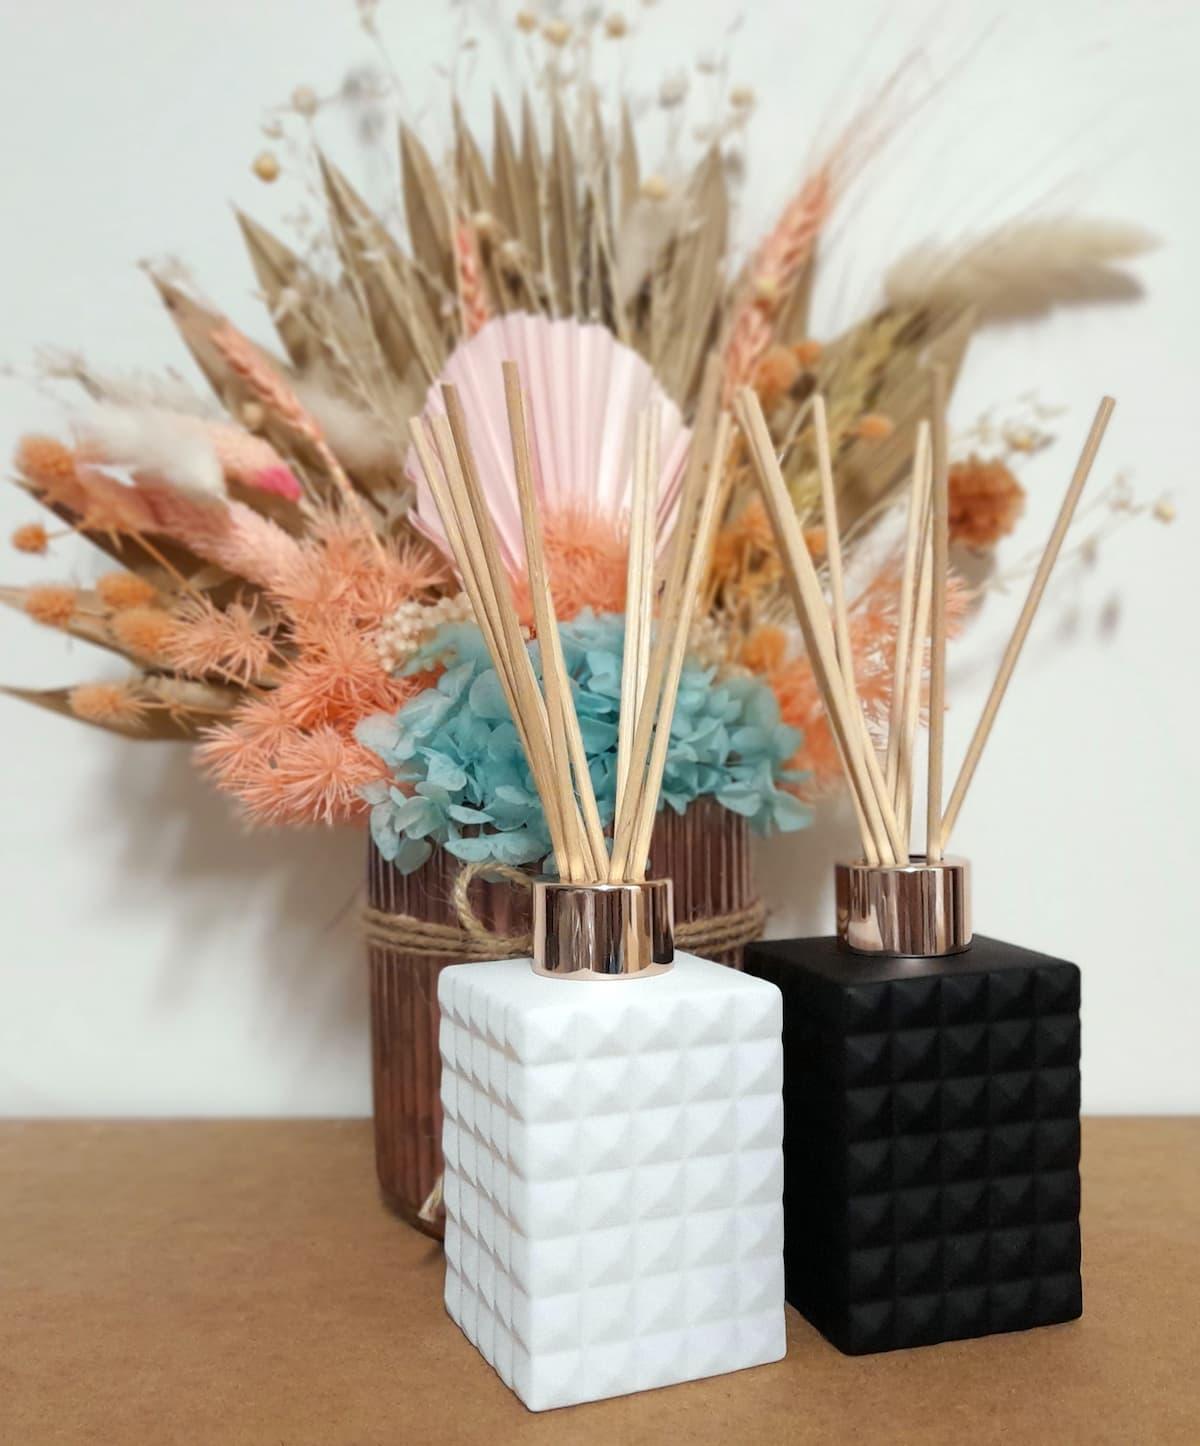 scent diffusers made in australia by Devine Secrets